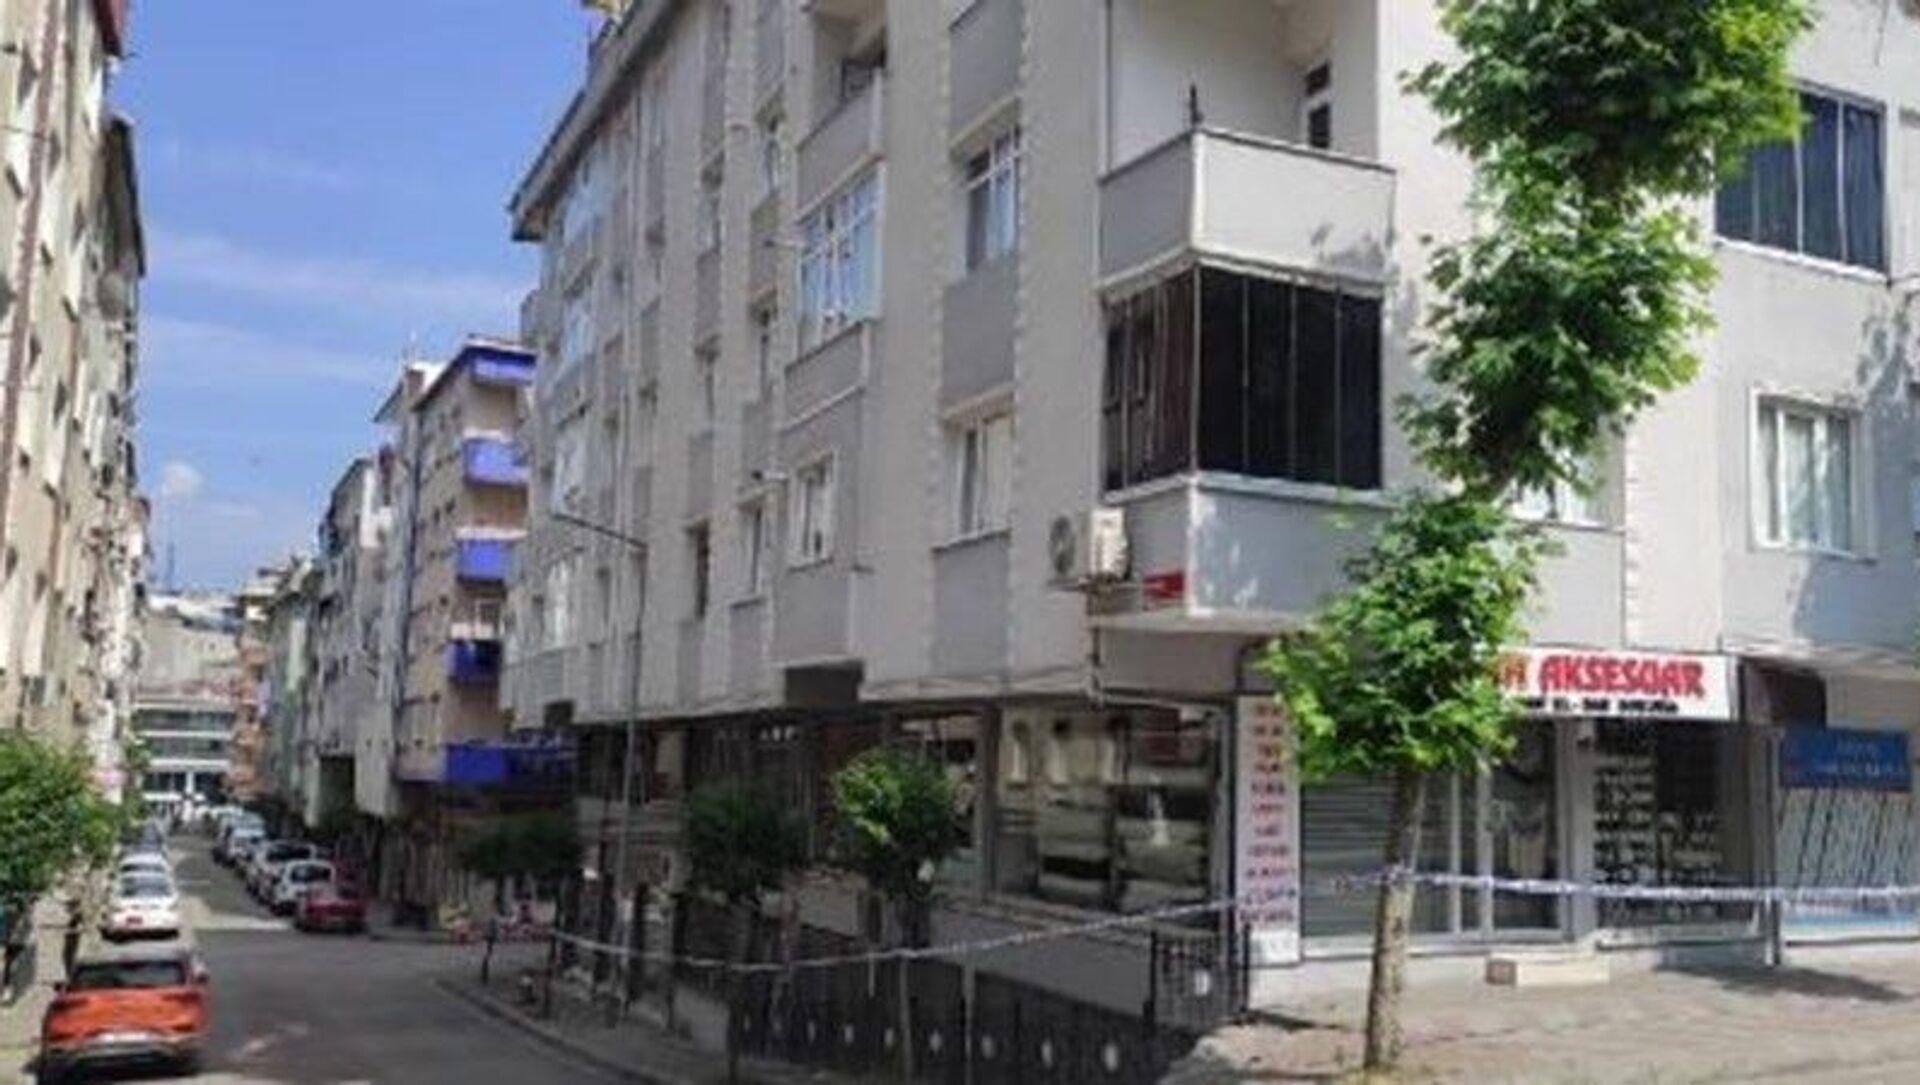 Güngören'de çatlak oluşan 4 katlı bina boşaltıldı - Sputnik Türkiye, 1920, 20.06.2021